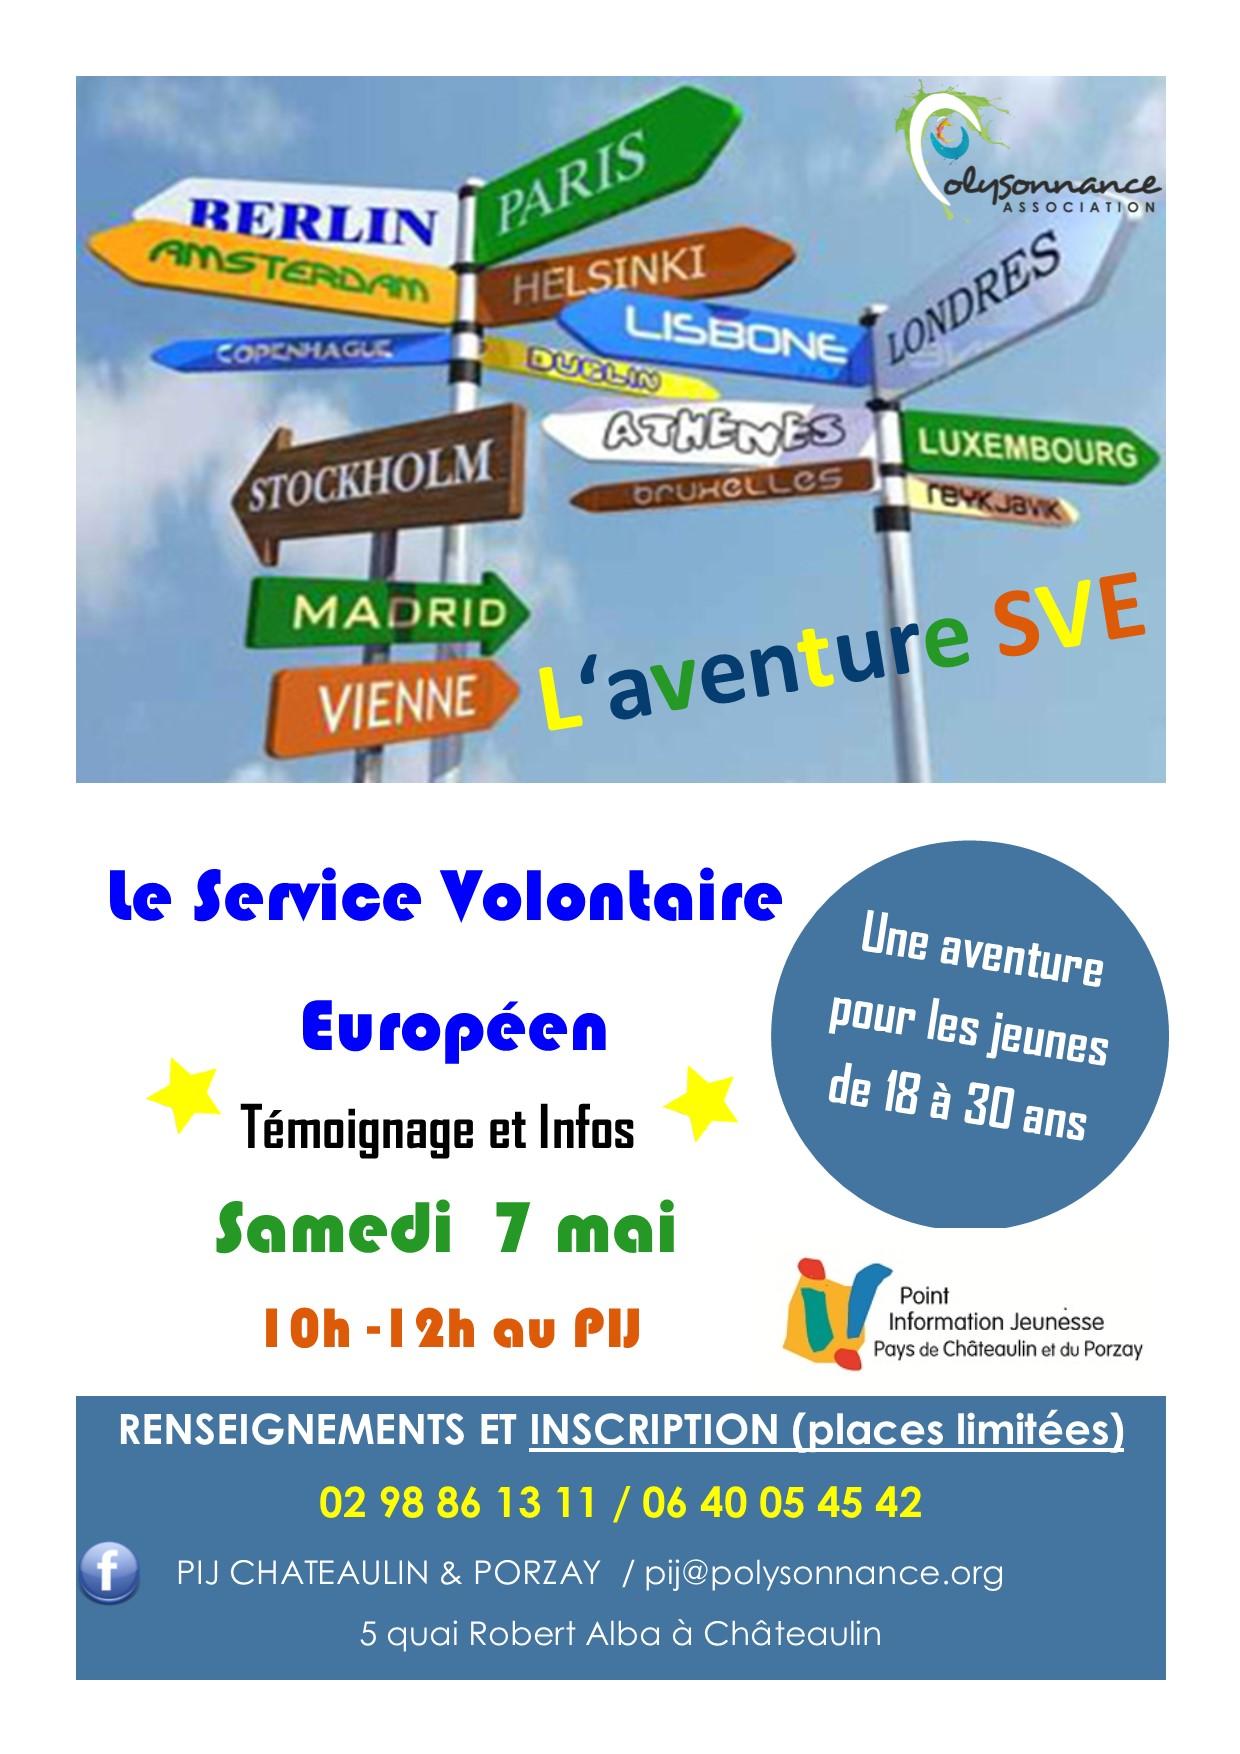 Atelier sur le Service Volontaire Européen : une aventure à vivre pour les 18-30 ans